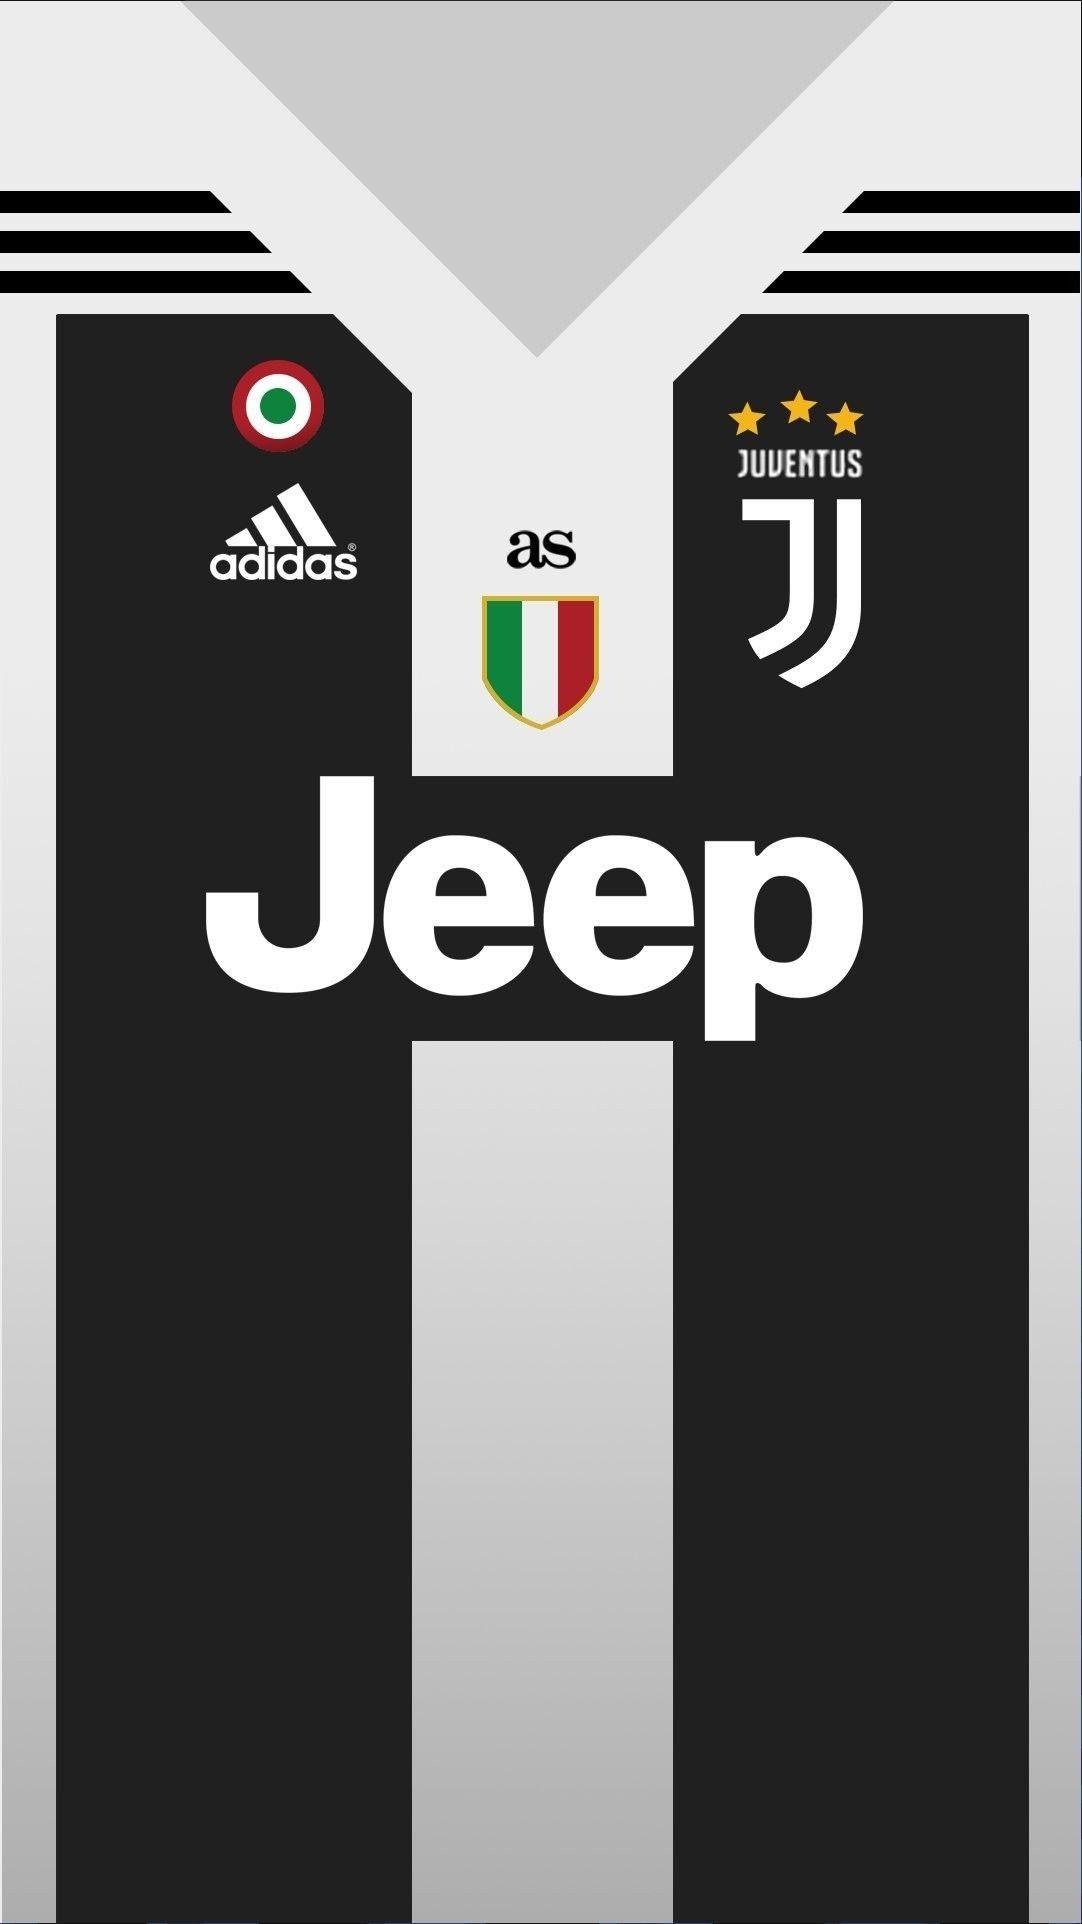 Inspirational Juventus Wallpaper Iphone Di 2020 Sepak Bola Olahraga Gambar Sepak Bola